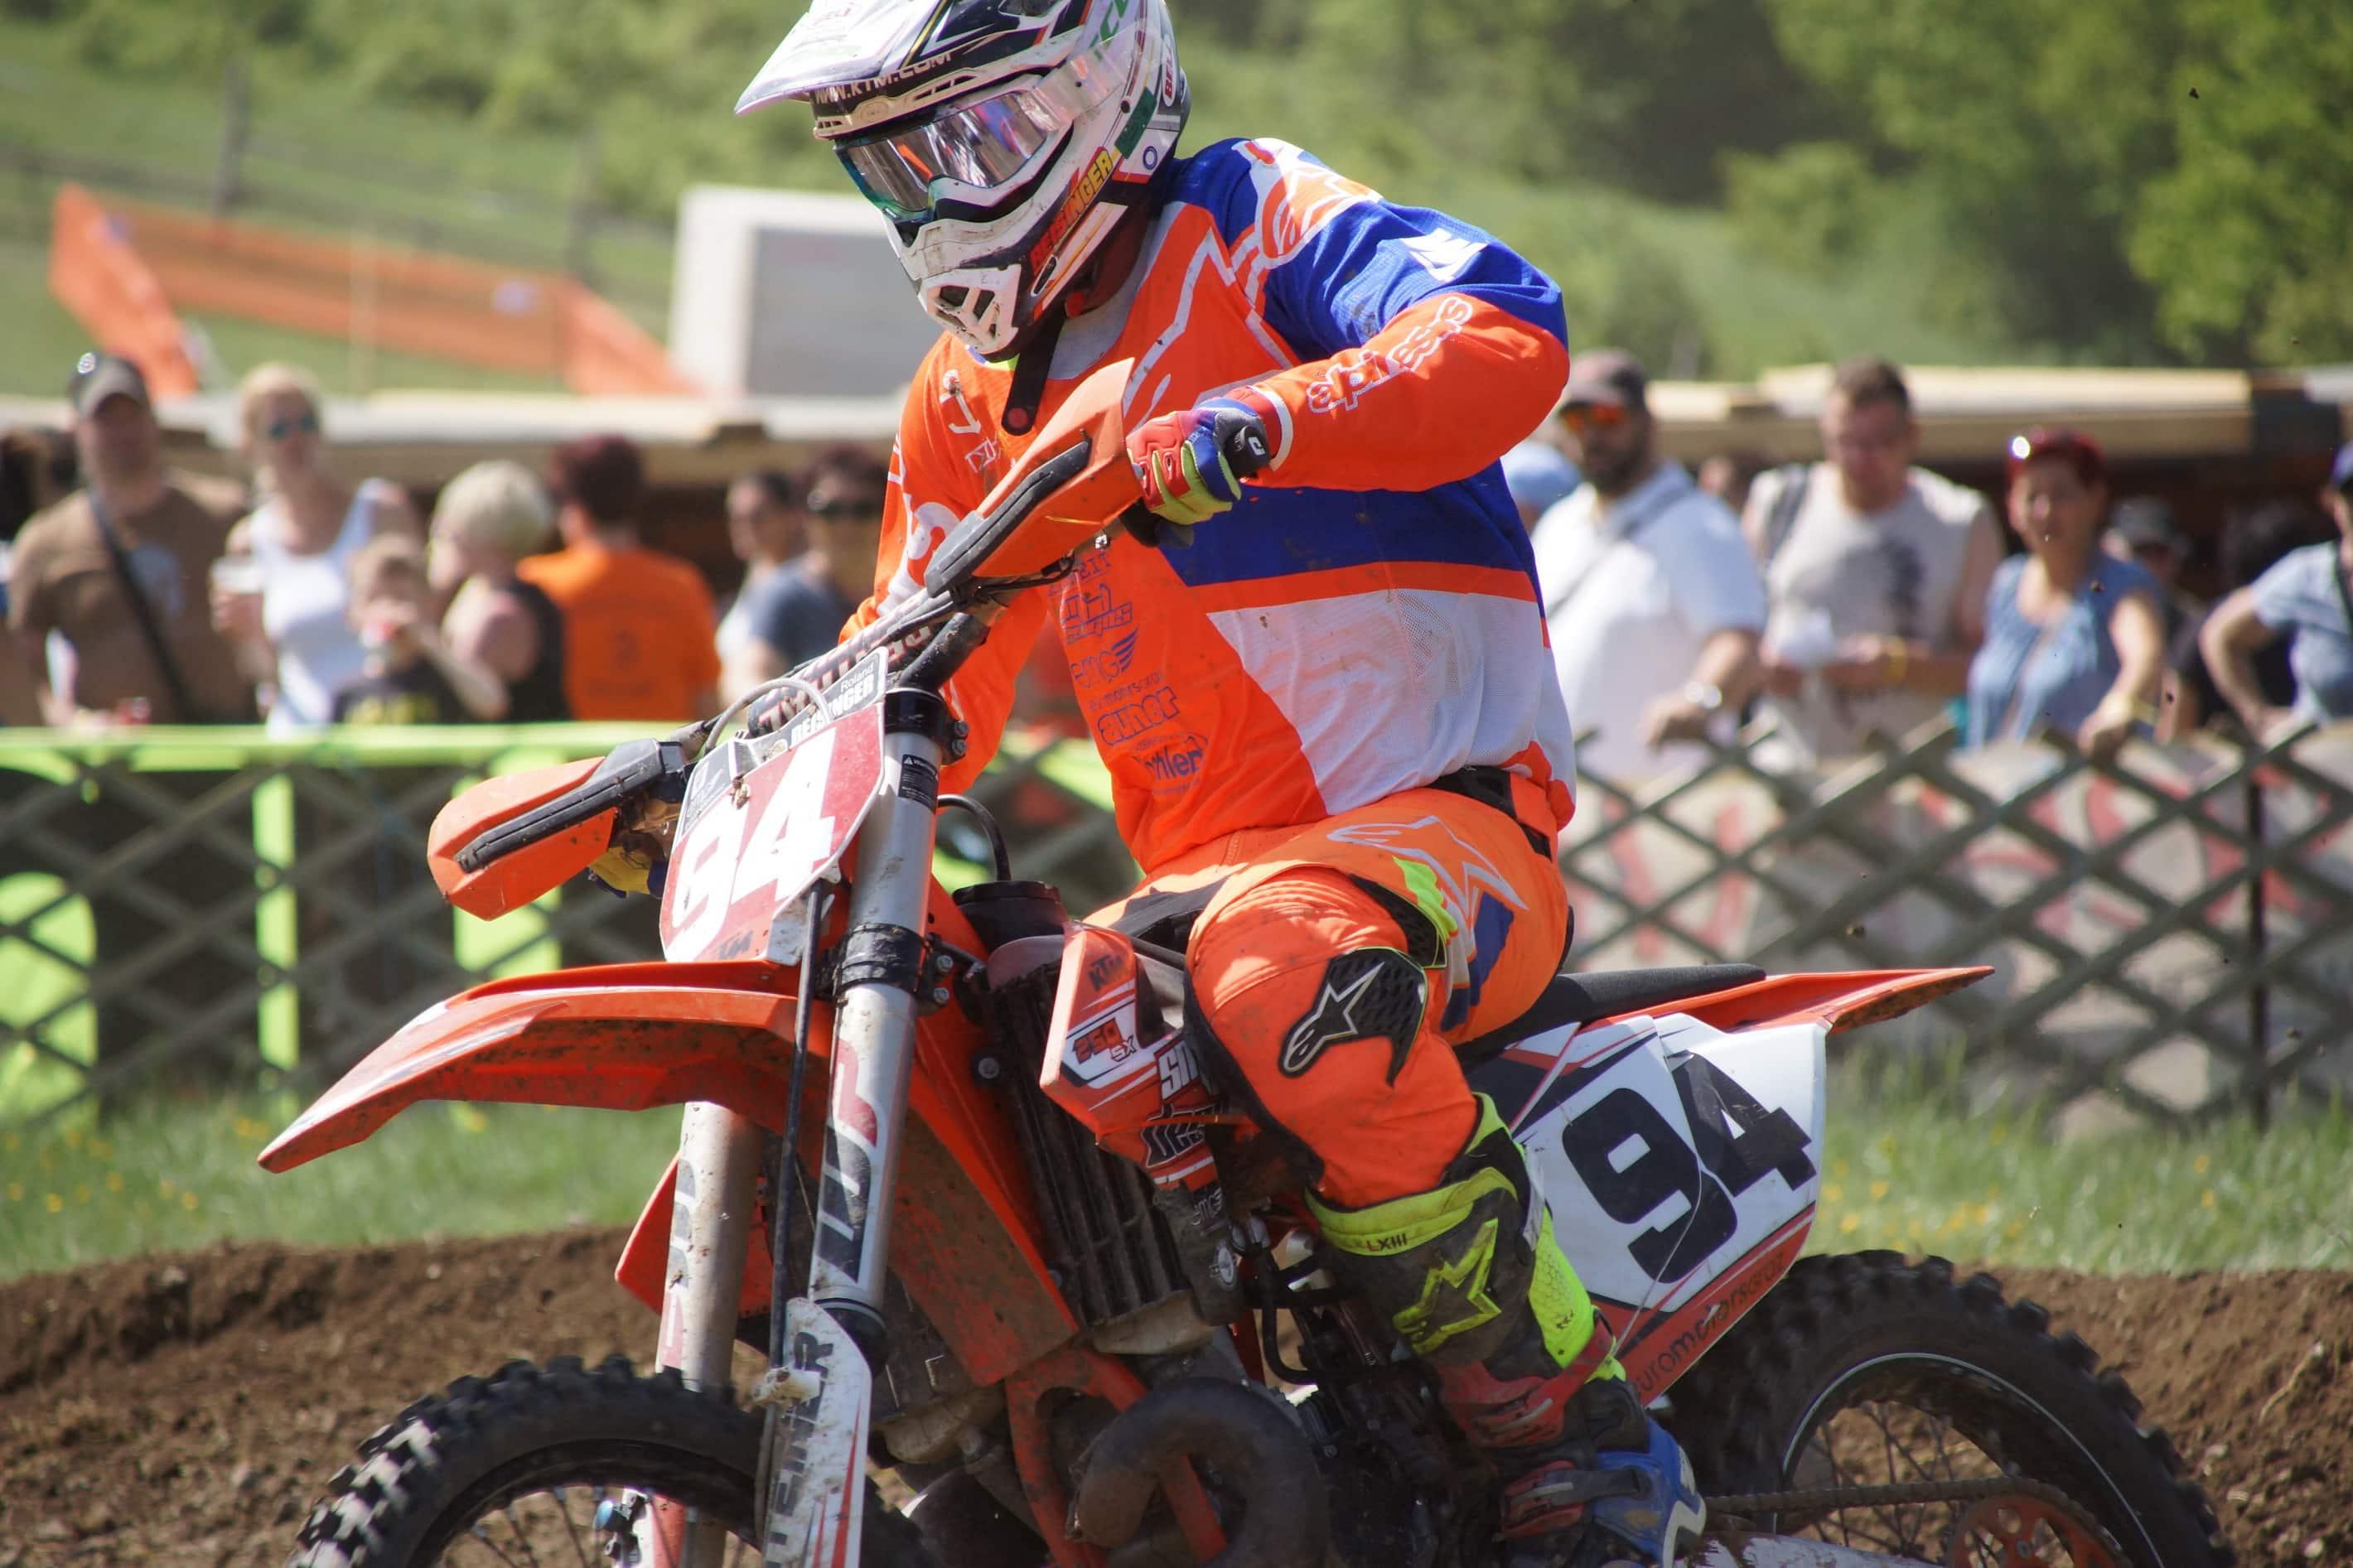 DSC1183_Moto Cross Sittendorf